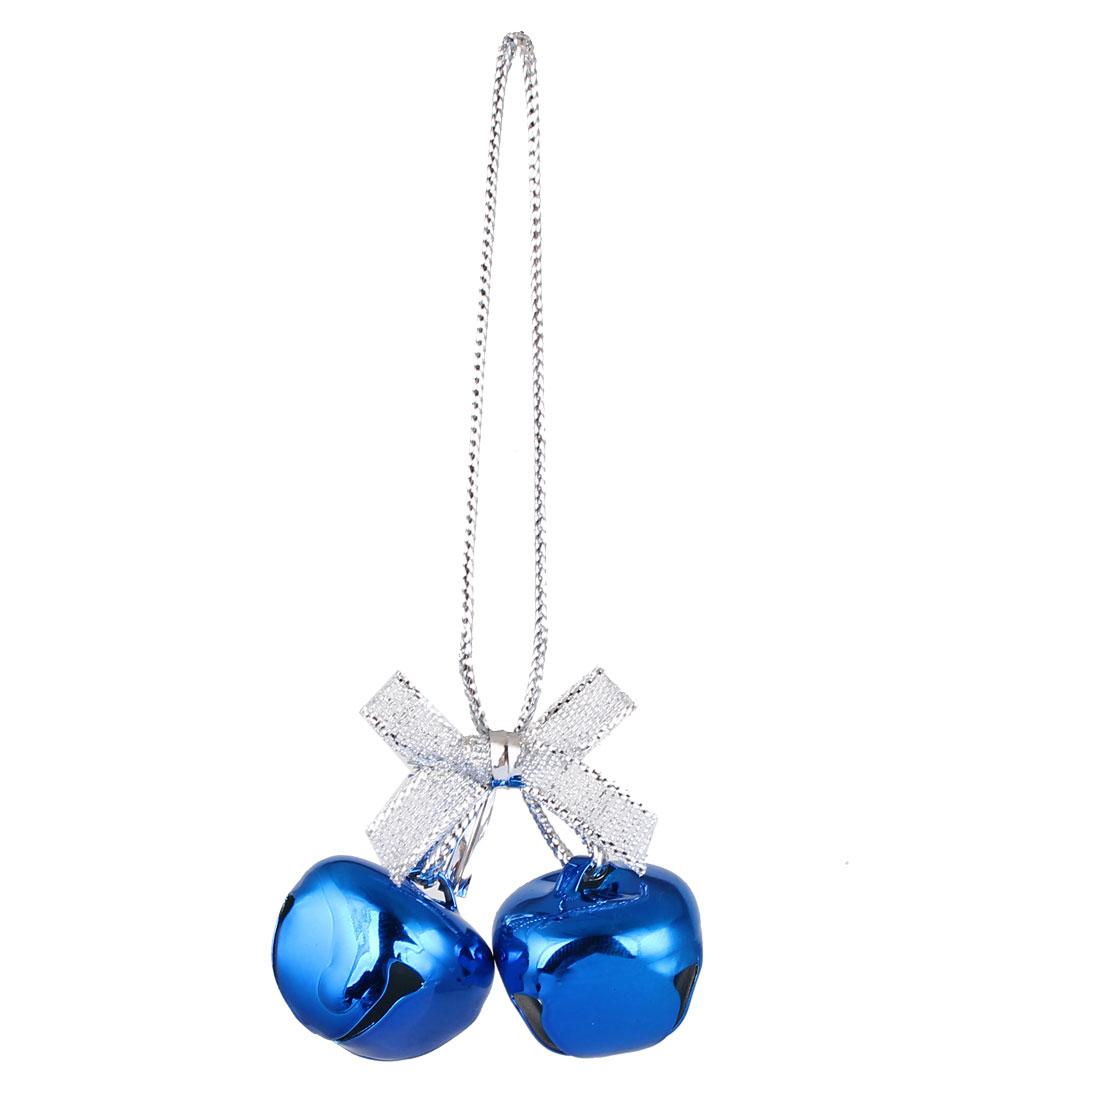 Festival Christmas Tree Metal Bowknot Ring Bell Pendant Hanger Decor Dark Blue